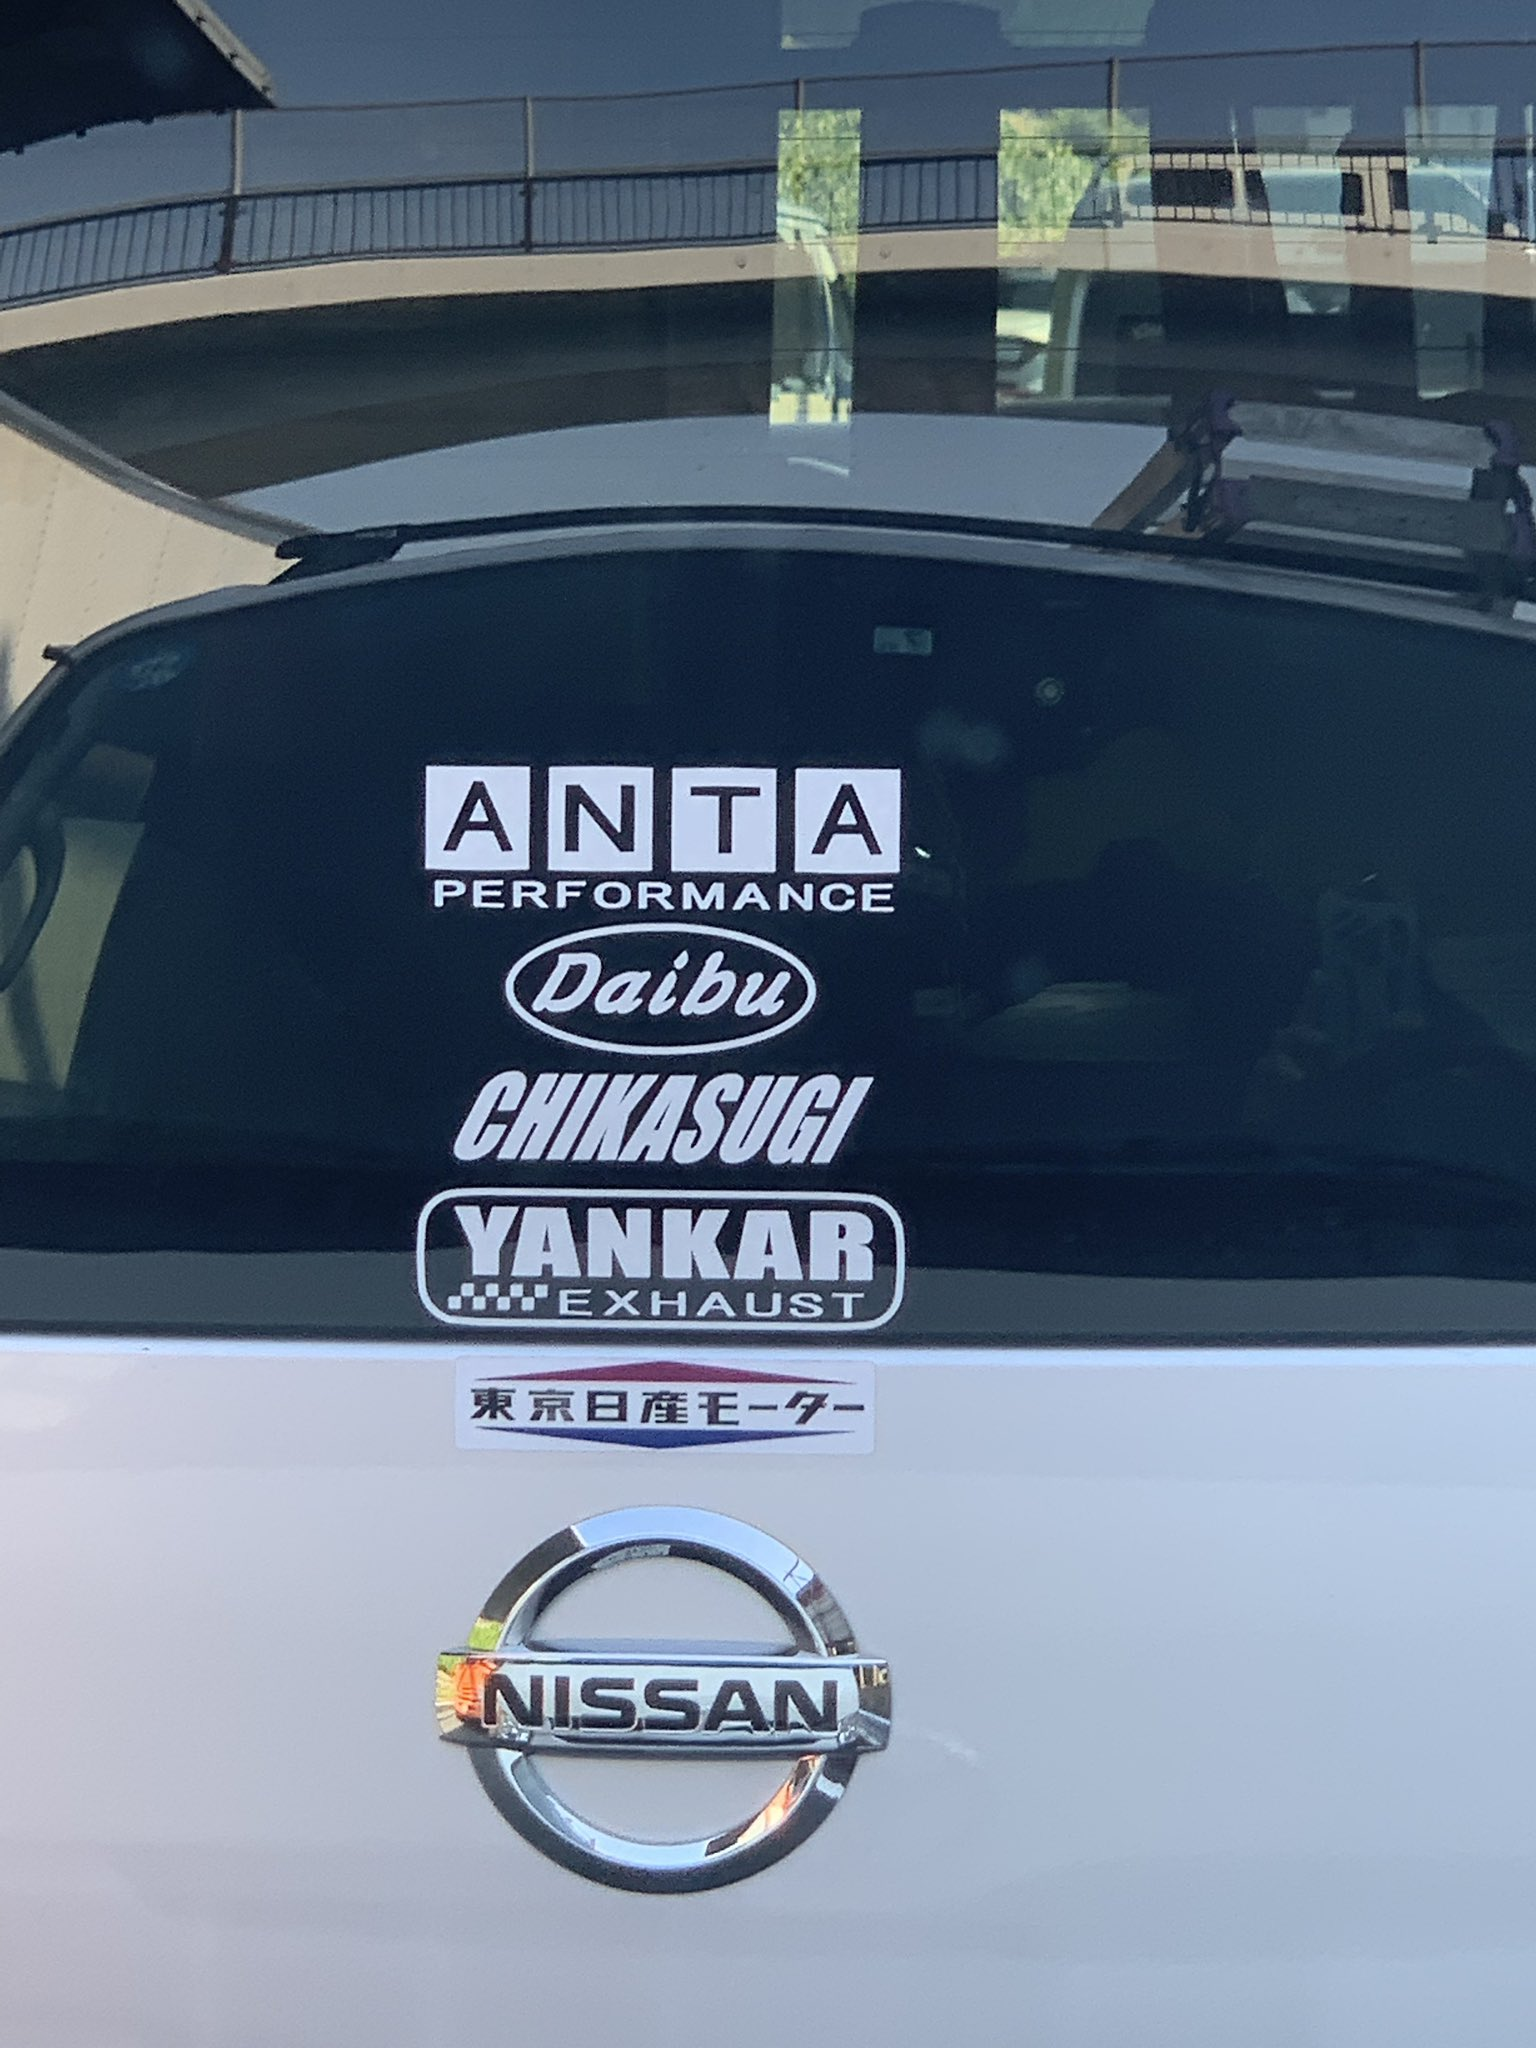 前の車にあるステッカーのセンスが良すぎるwww「アンタ ダイブ チカスギ ヤンカー」www